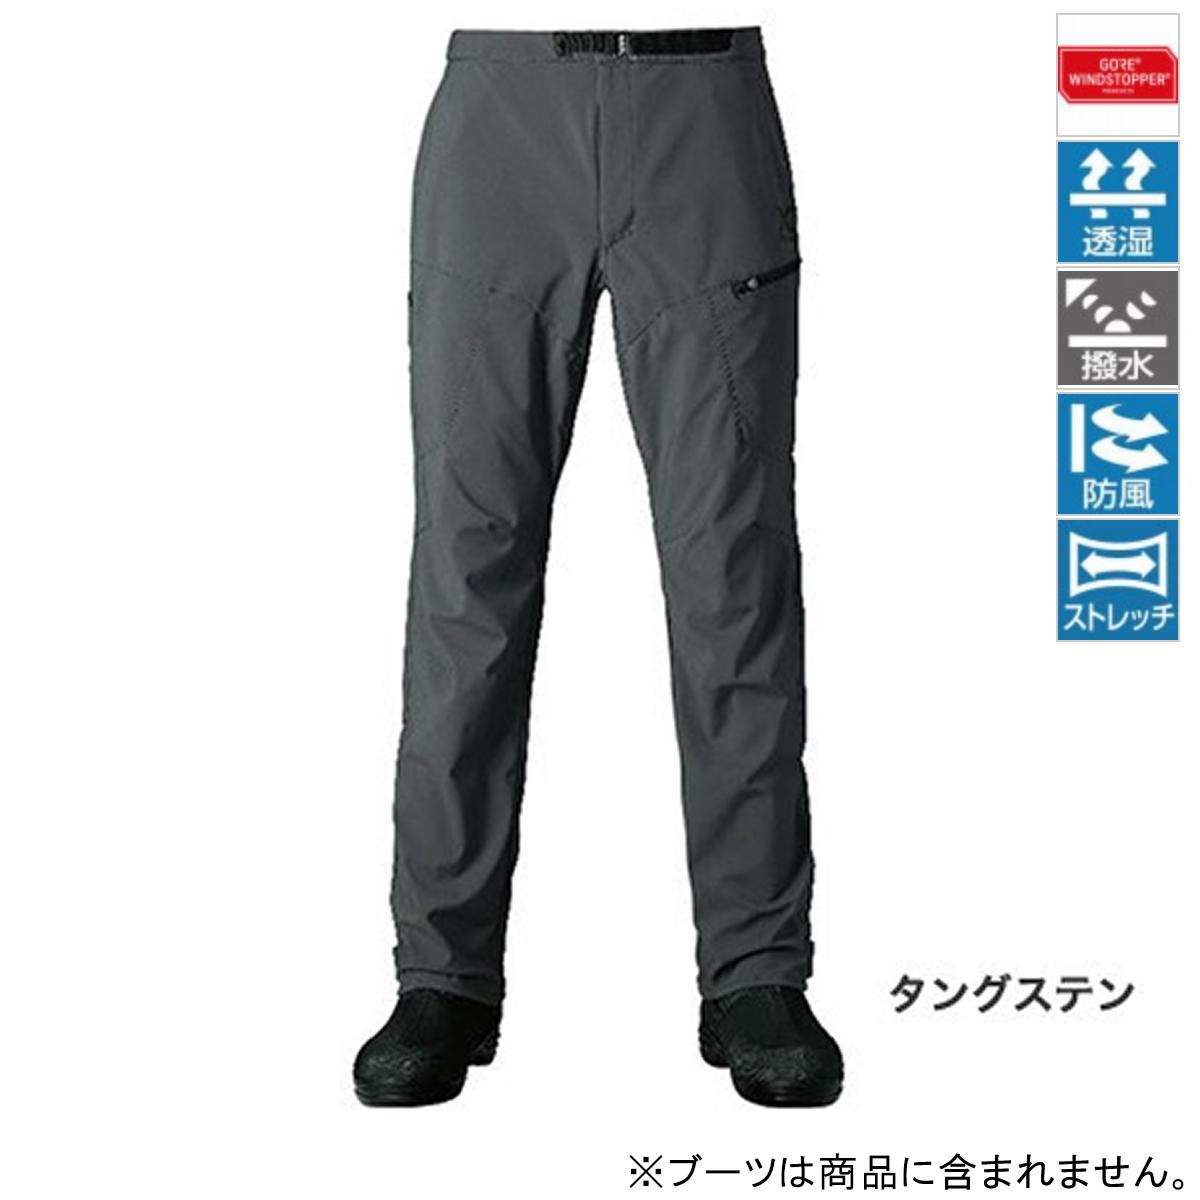 シマノ XEFO ゴア ウィンドストッパー ボトム PA-241R 2XL タングステン(東日本店)